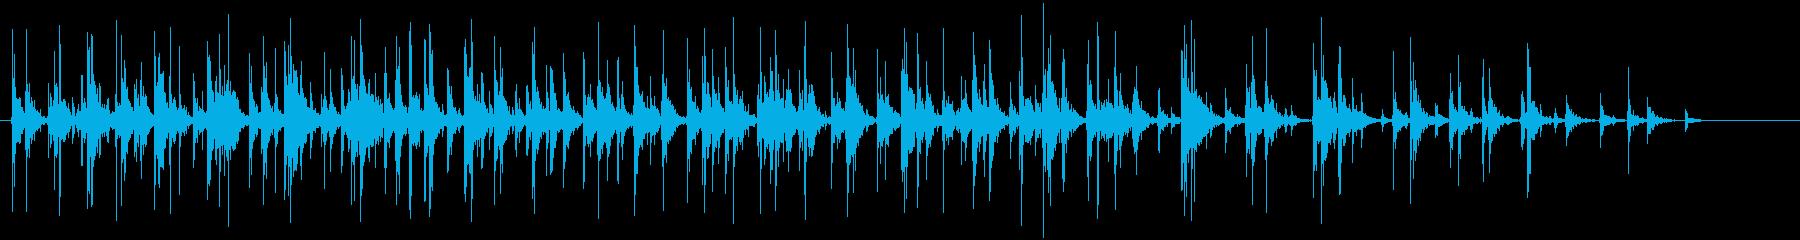 スモールスタジオオーディエンス:短...の再生済みの波形